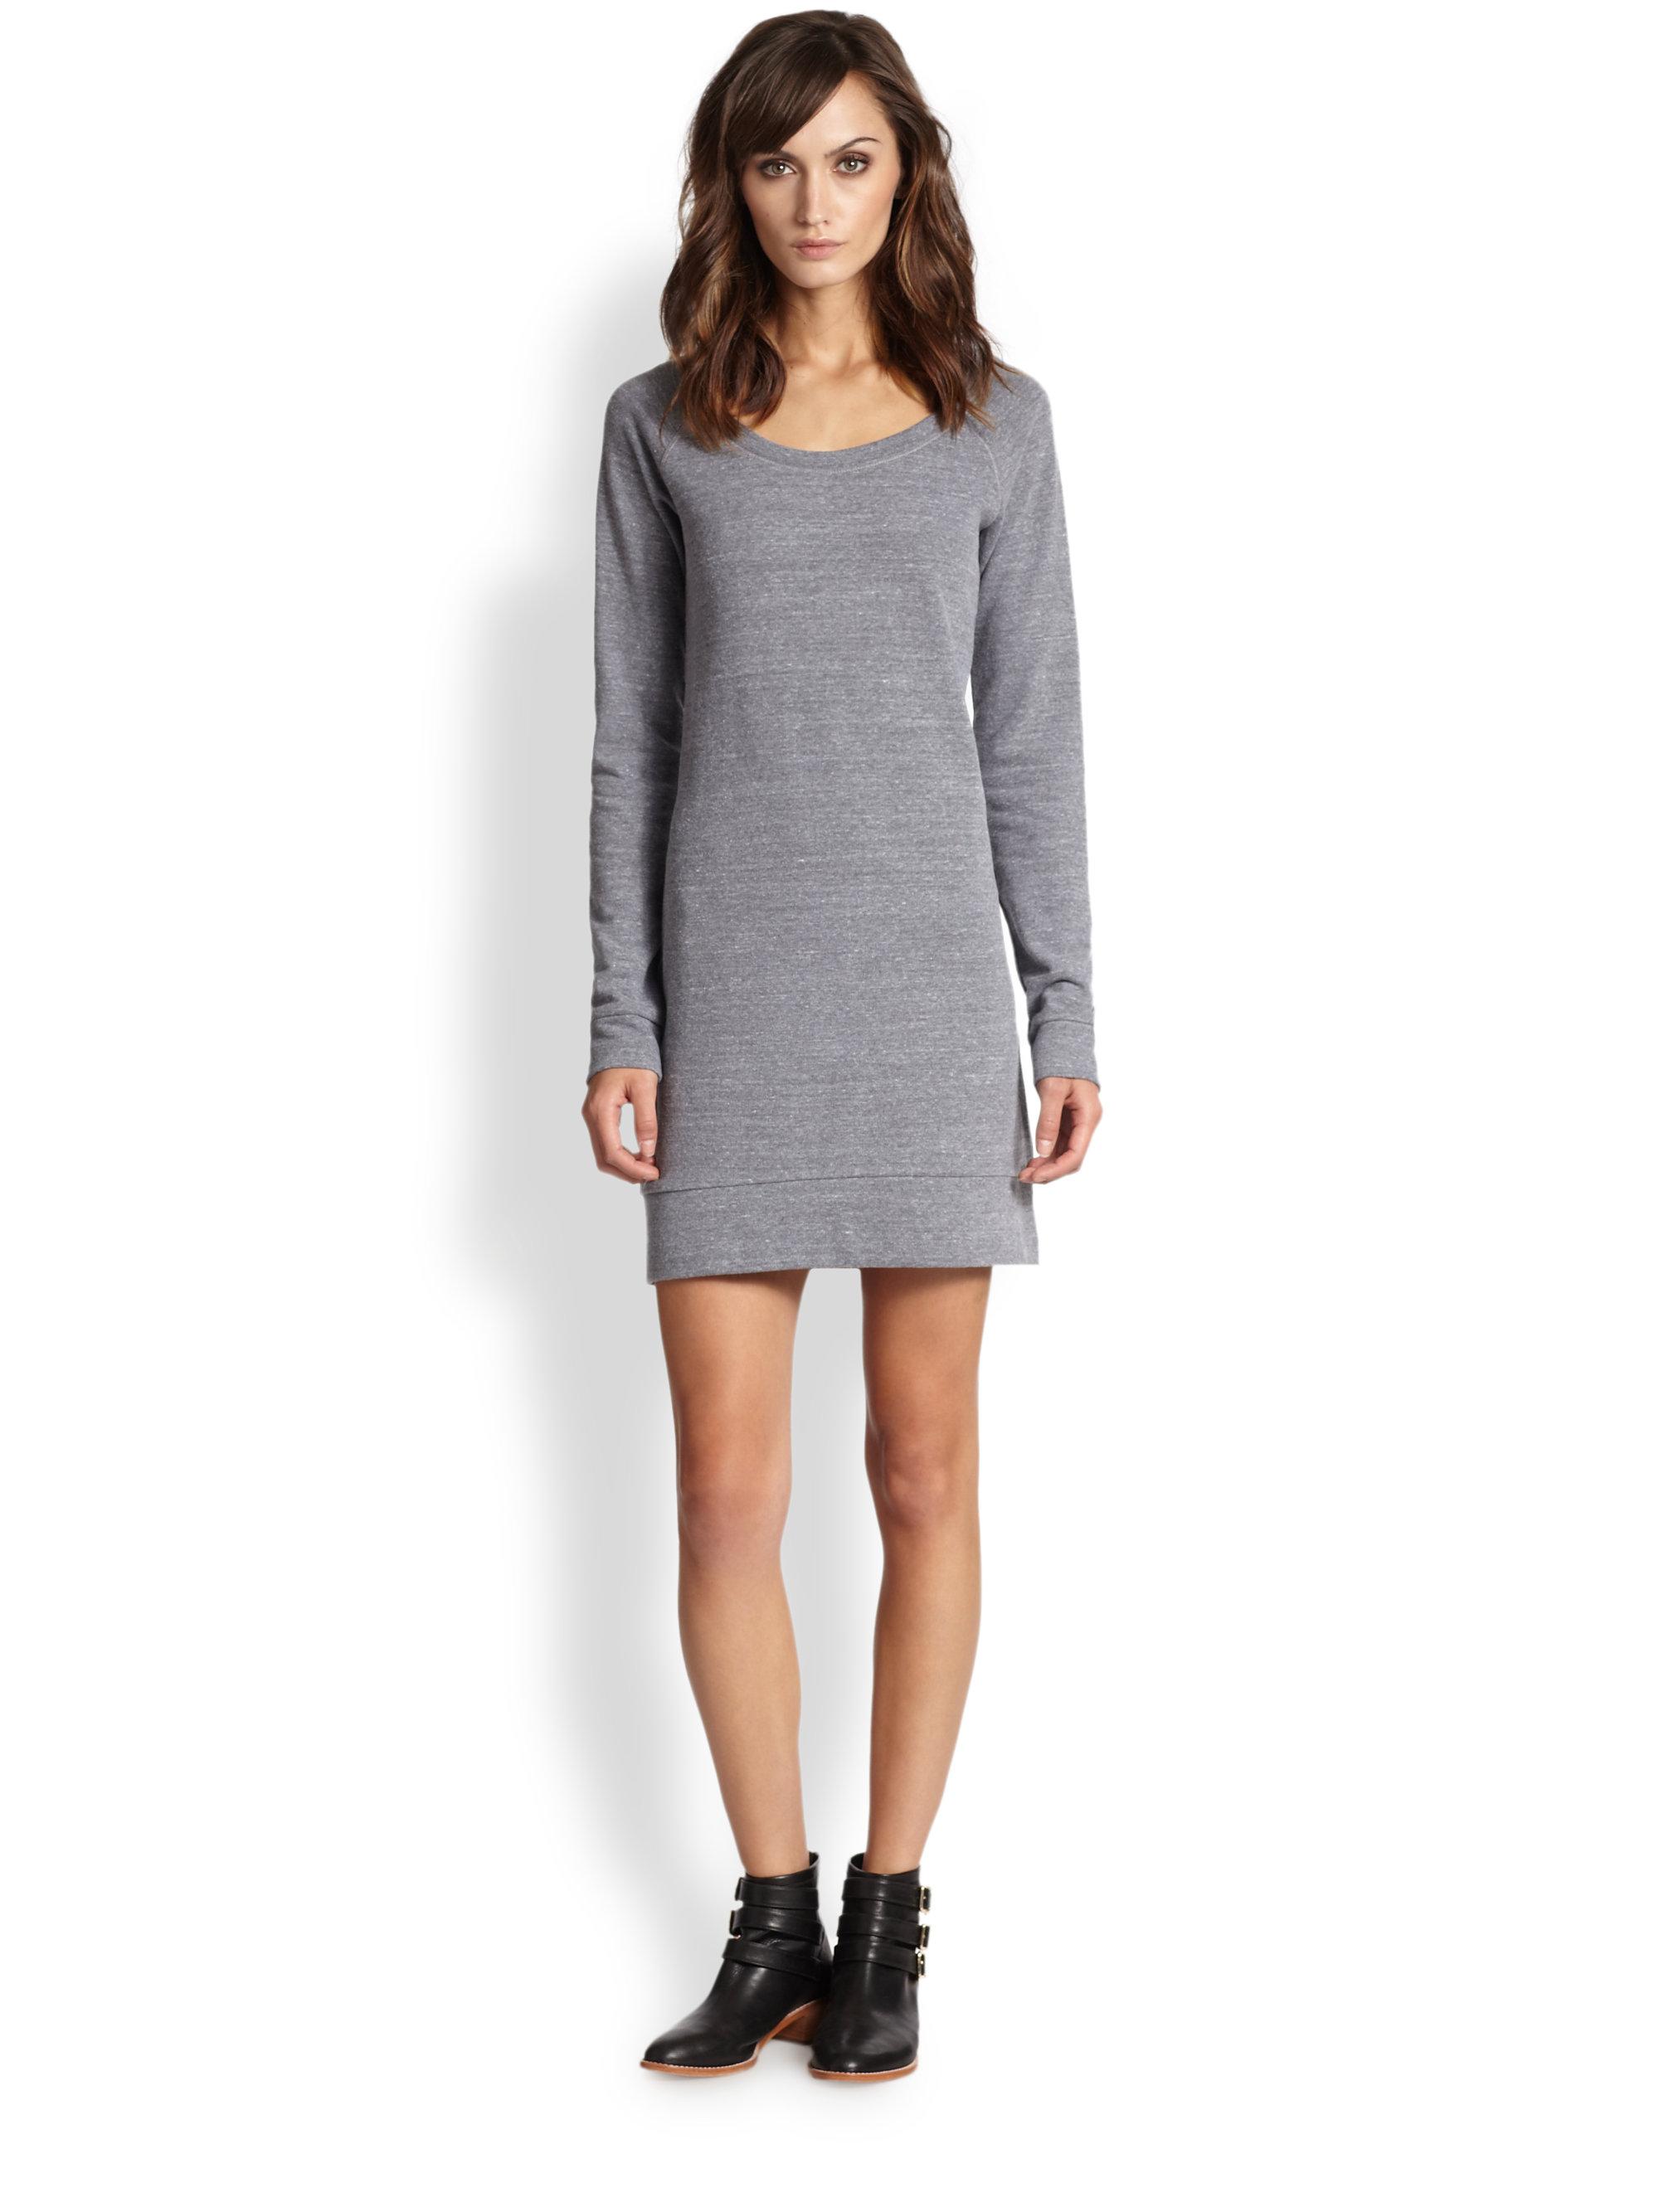 28a54d2d922ae Splendid Jersey Sweatshirt Dress in Gray - Lyst